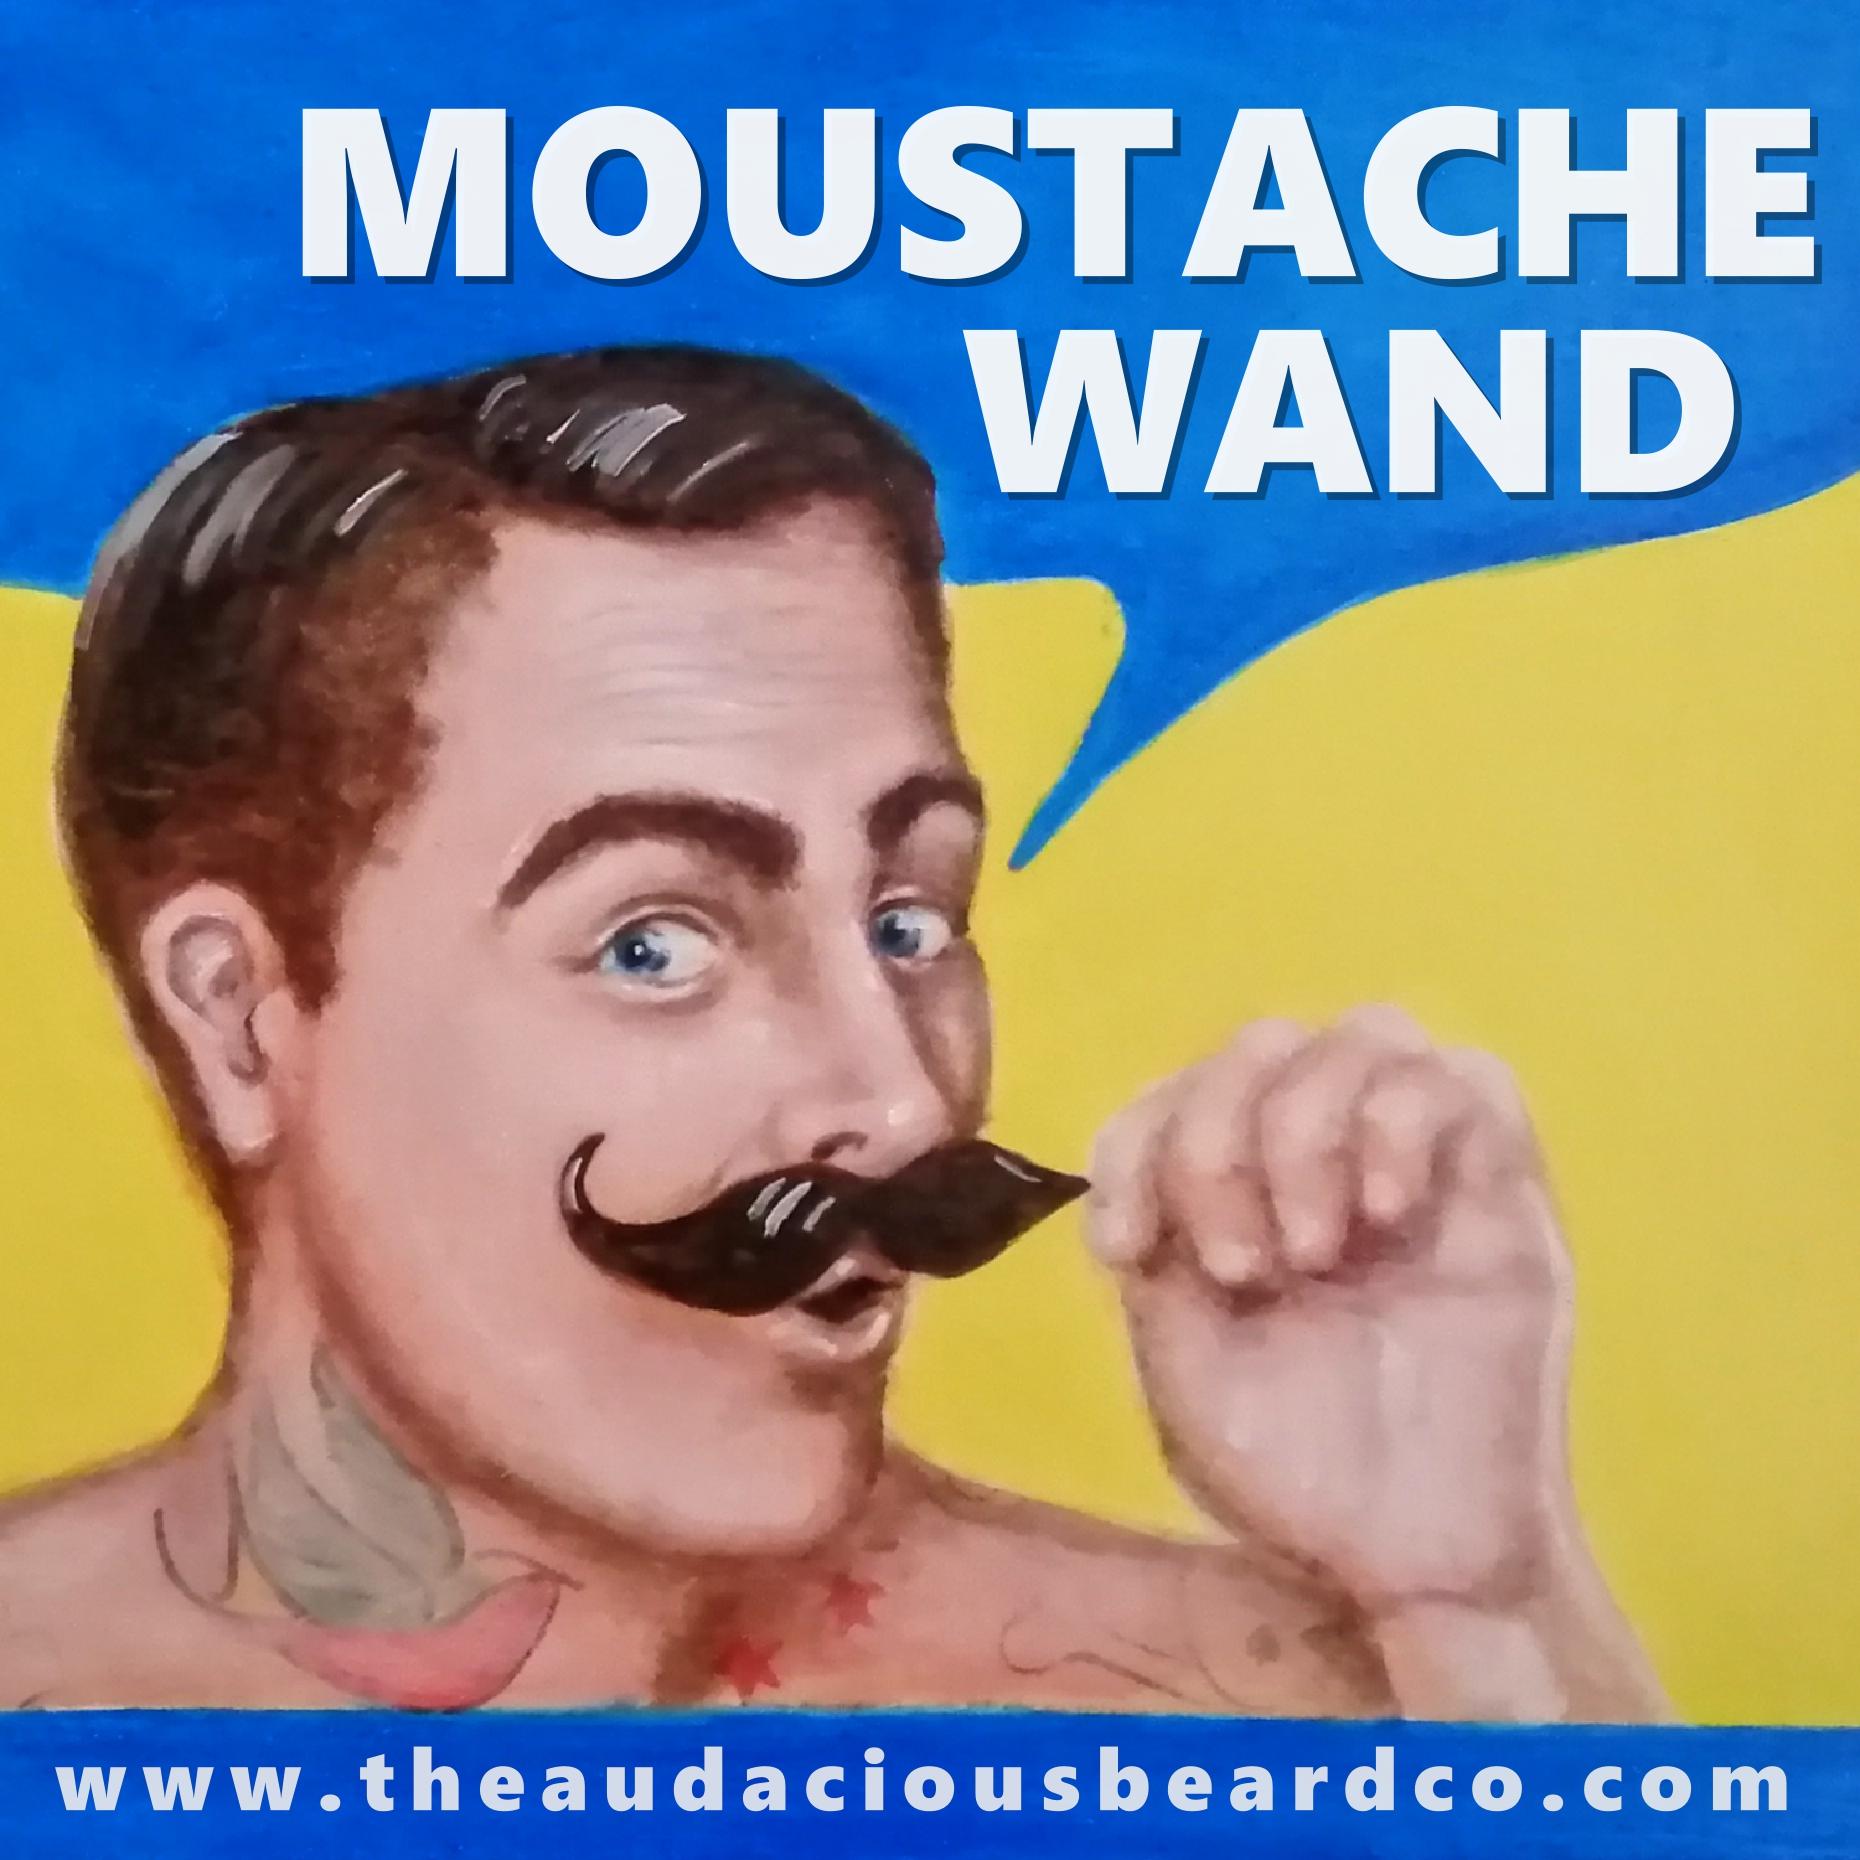 moustache wand